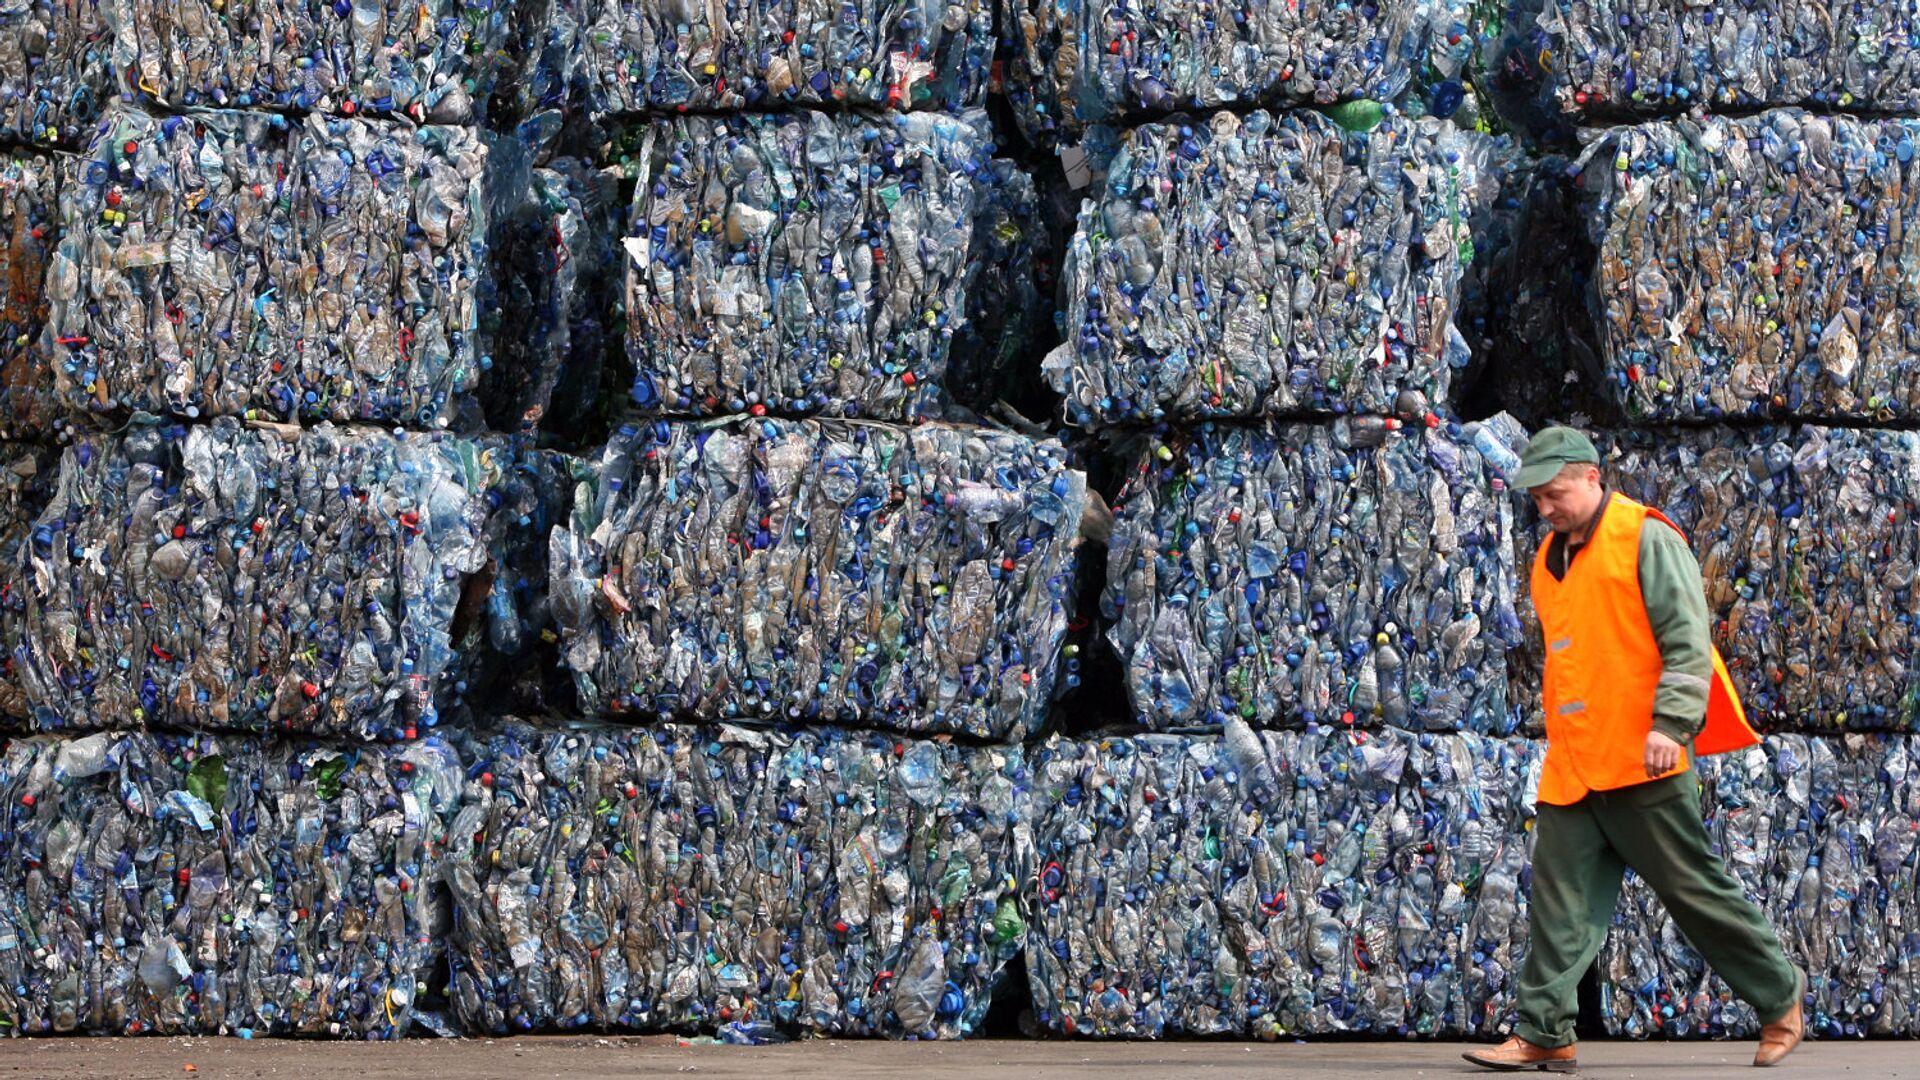 Мир без пластика: чем страшны пакеты и стаканчики, и как без них обойтись? - РИА Новости, 1920, 18.10.2020